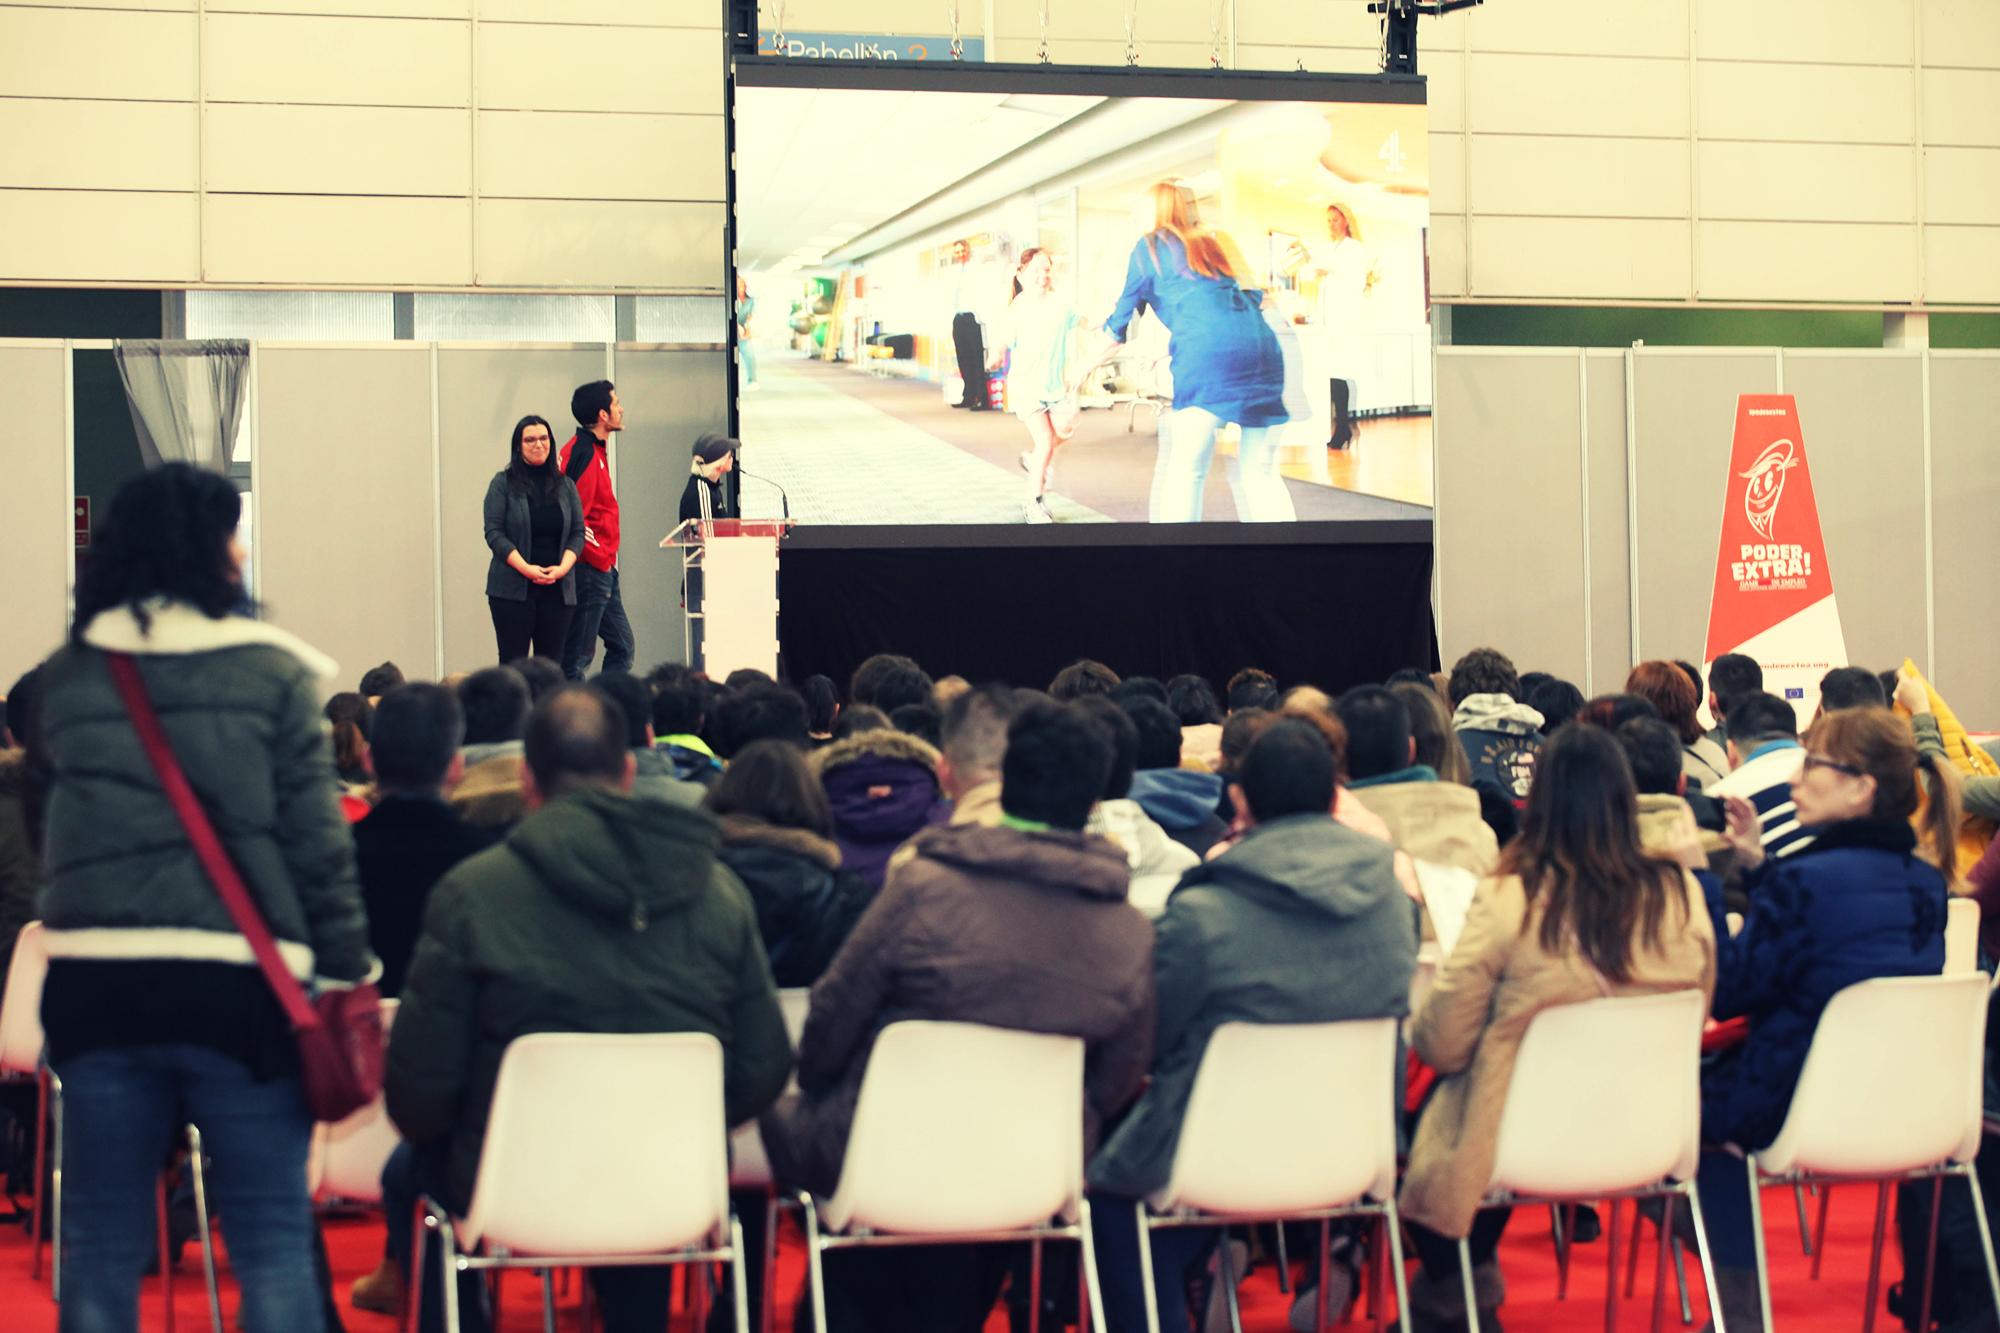 Marta Arce dando una charla en el Game de empleo de Madrid.